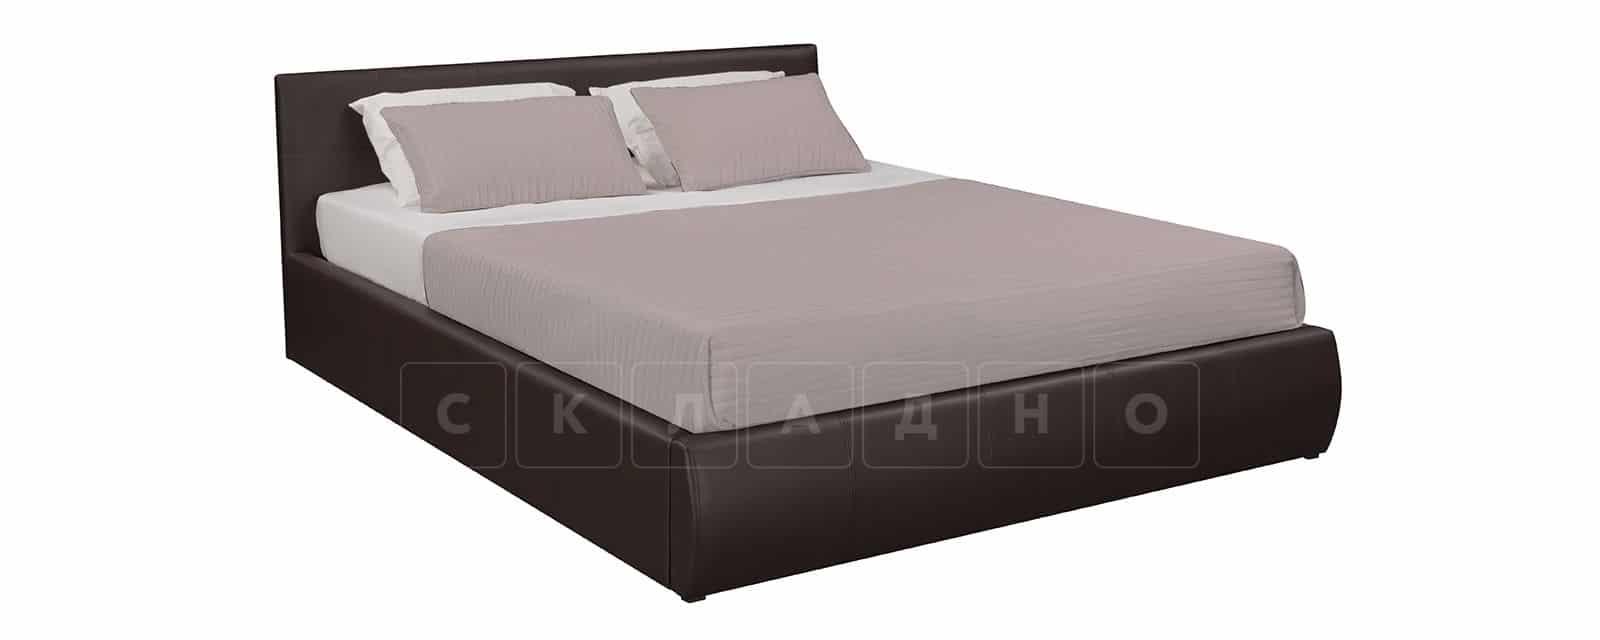 Мягкая кровать Афина 160см экокожа коричневого цвета фото 2   интернет-магазин Складно